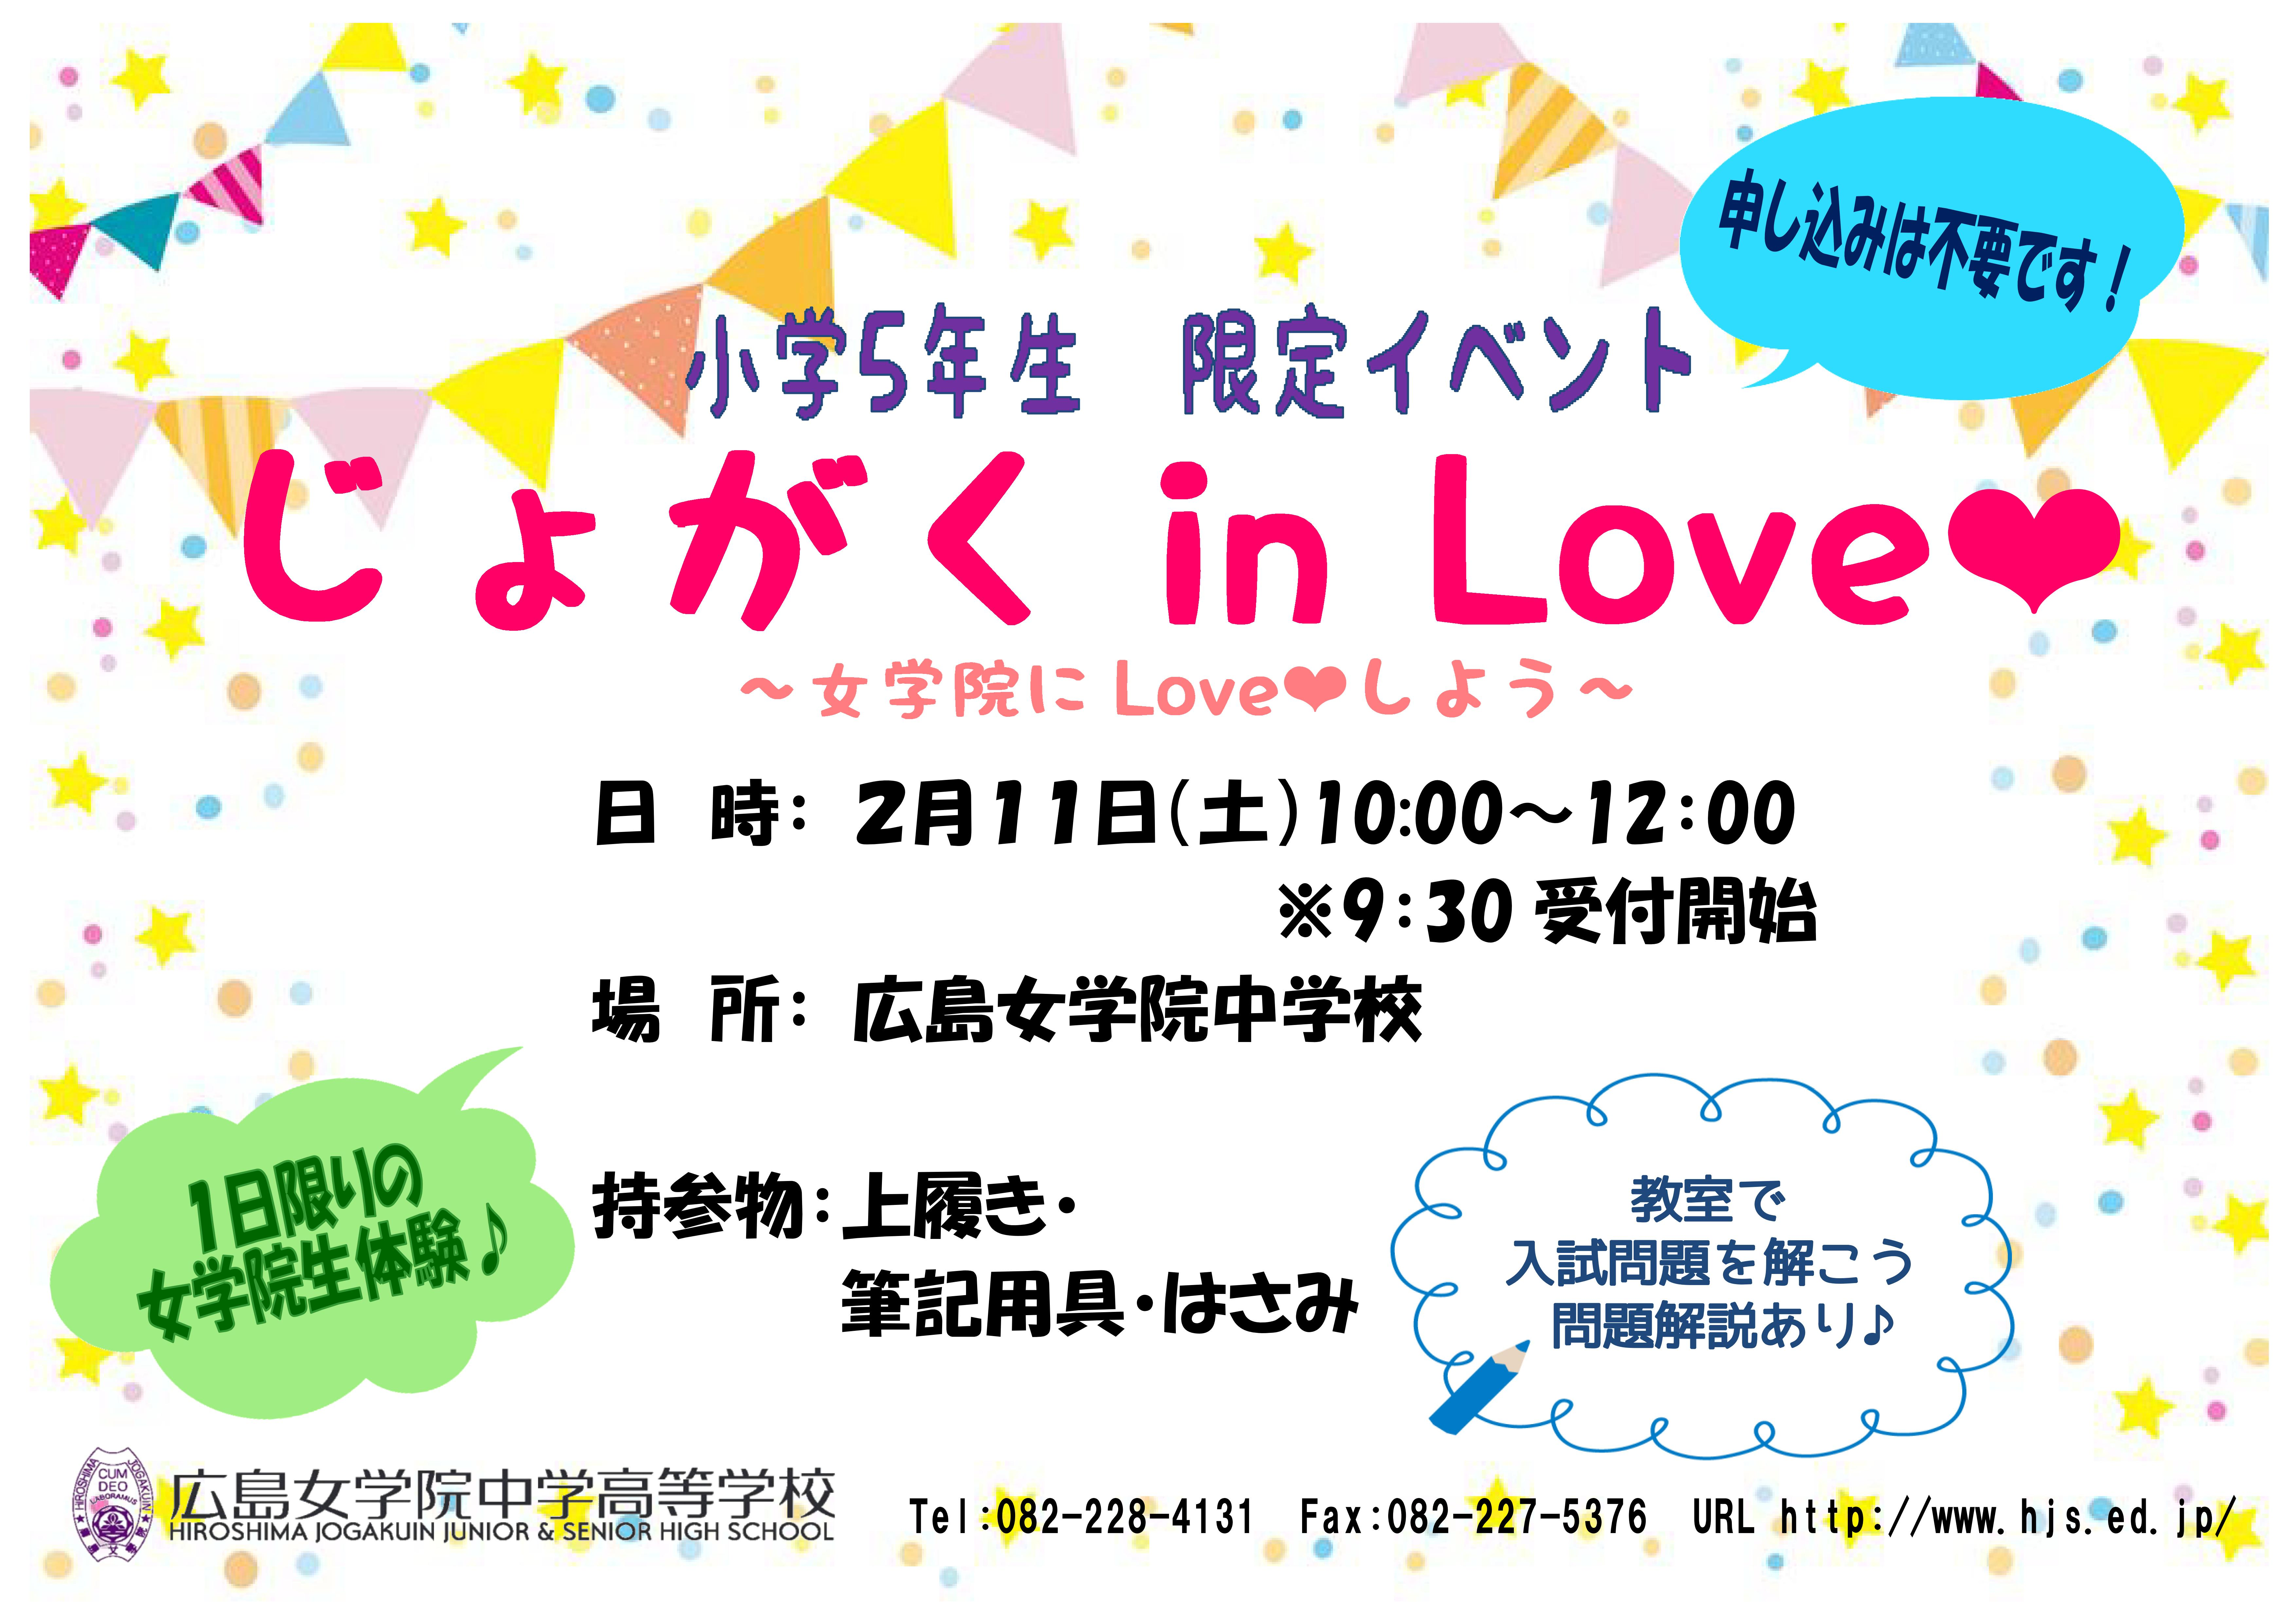 201701 newじょがくinLOVE ポスター_01